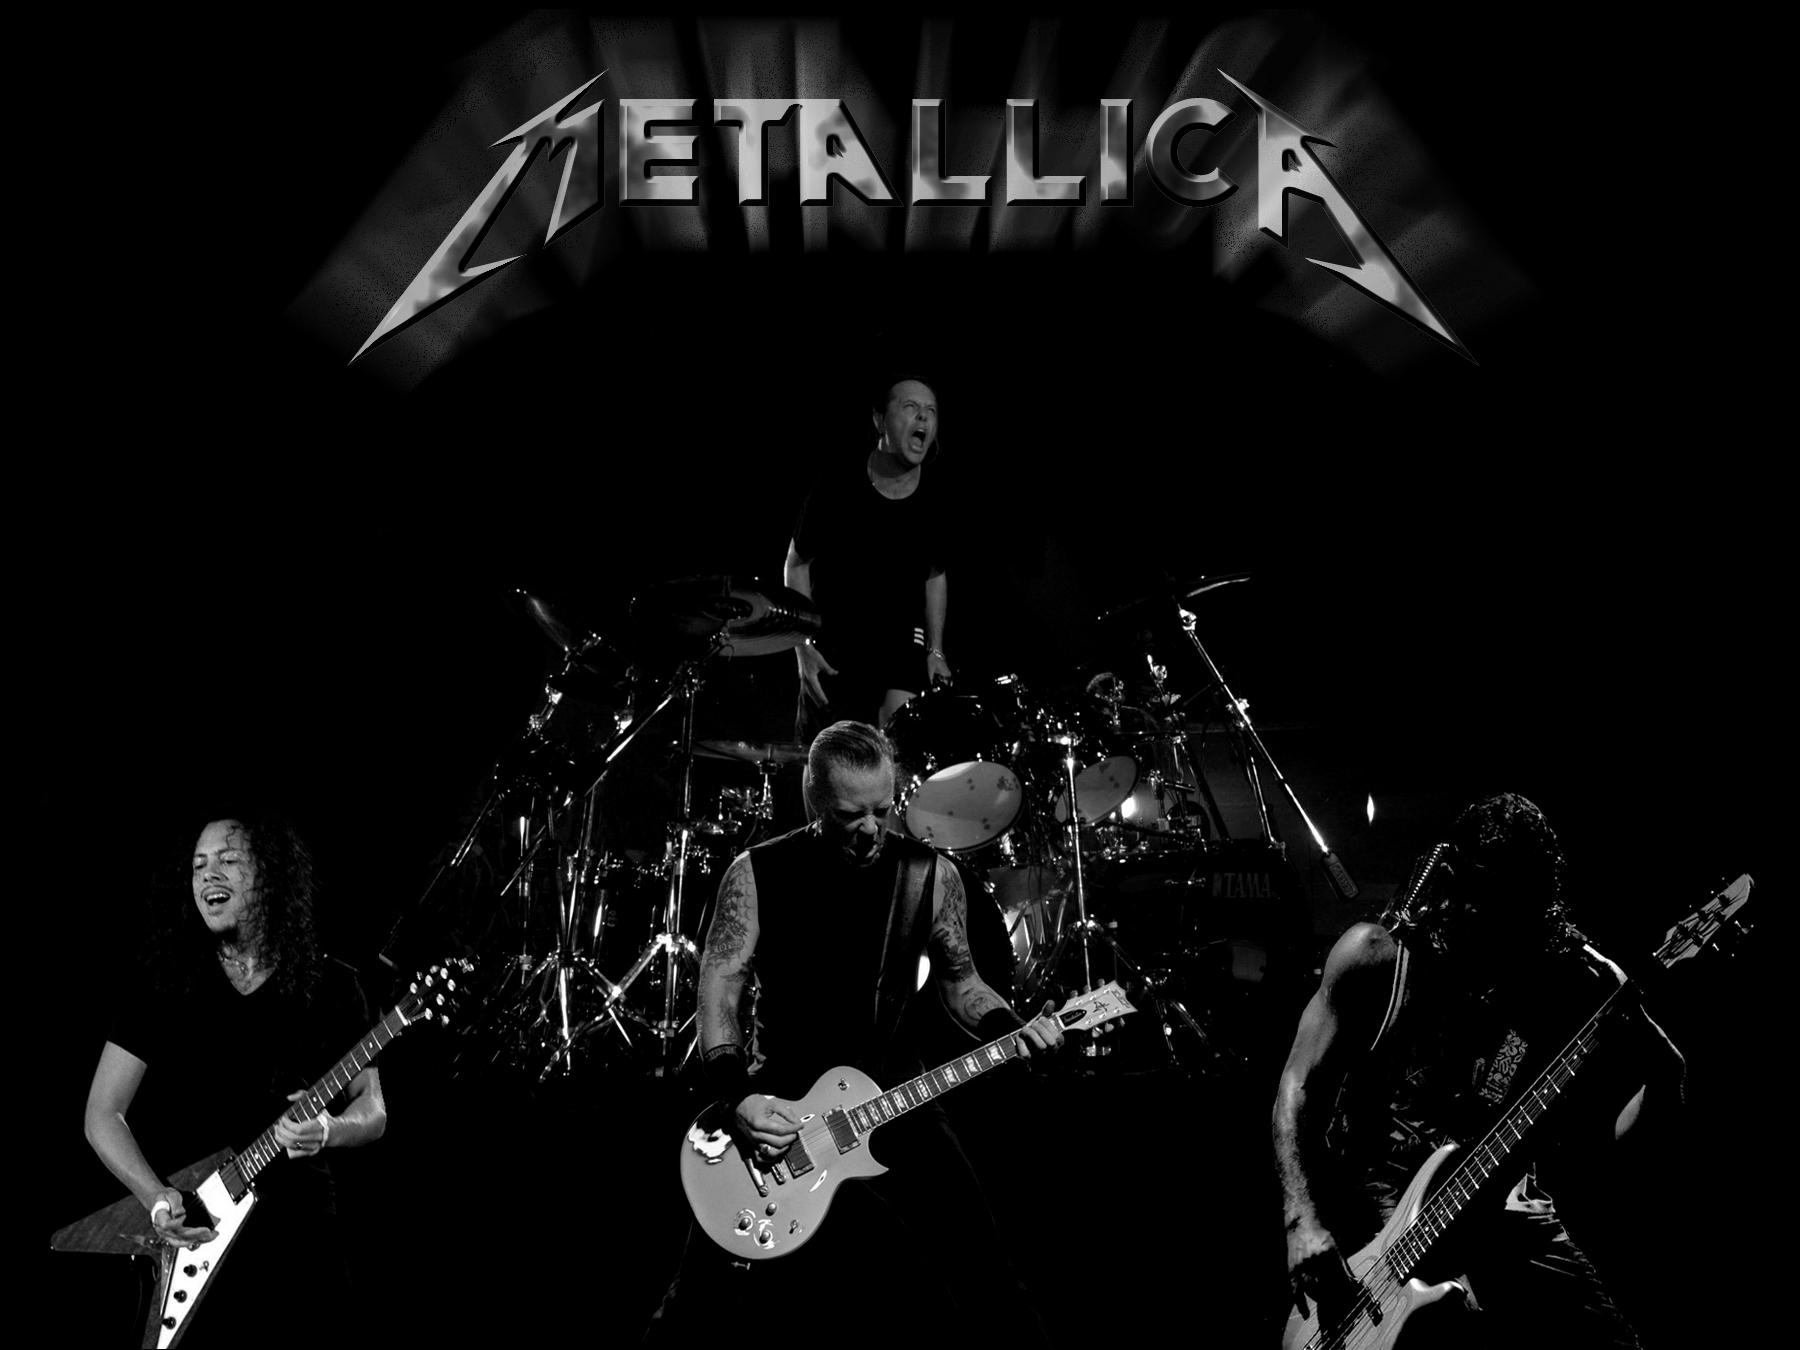 Metallica Wallpaper | 2017 - 2018 Best Cars Reviews